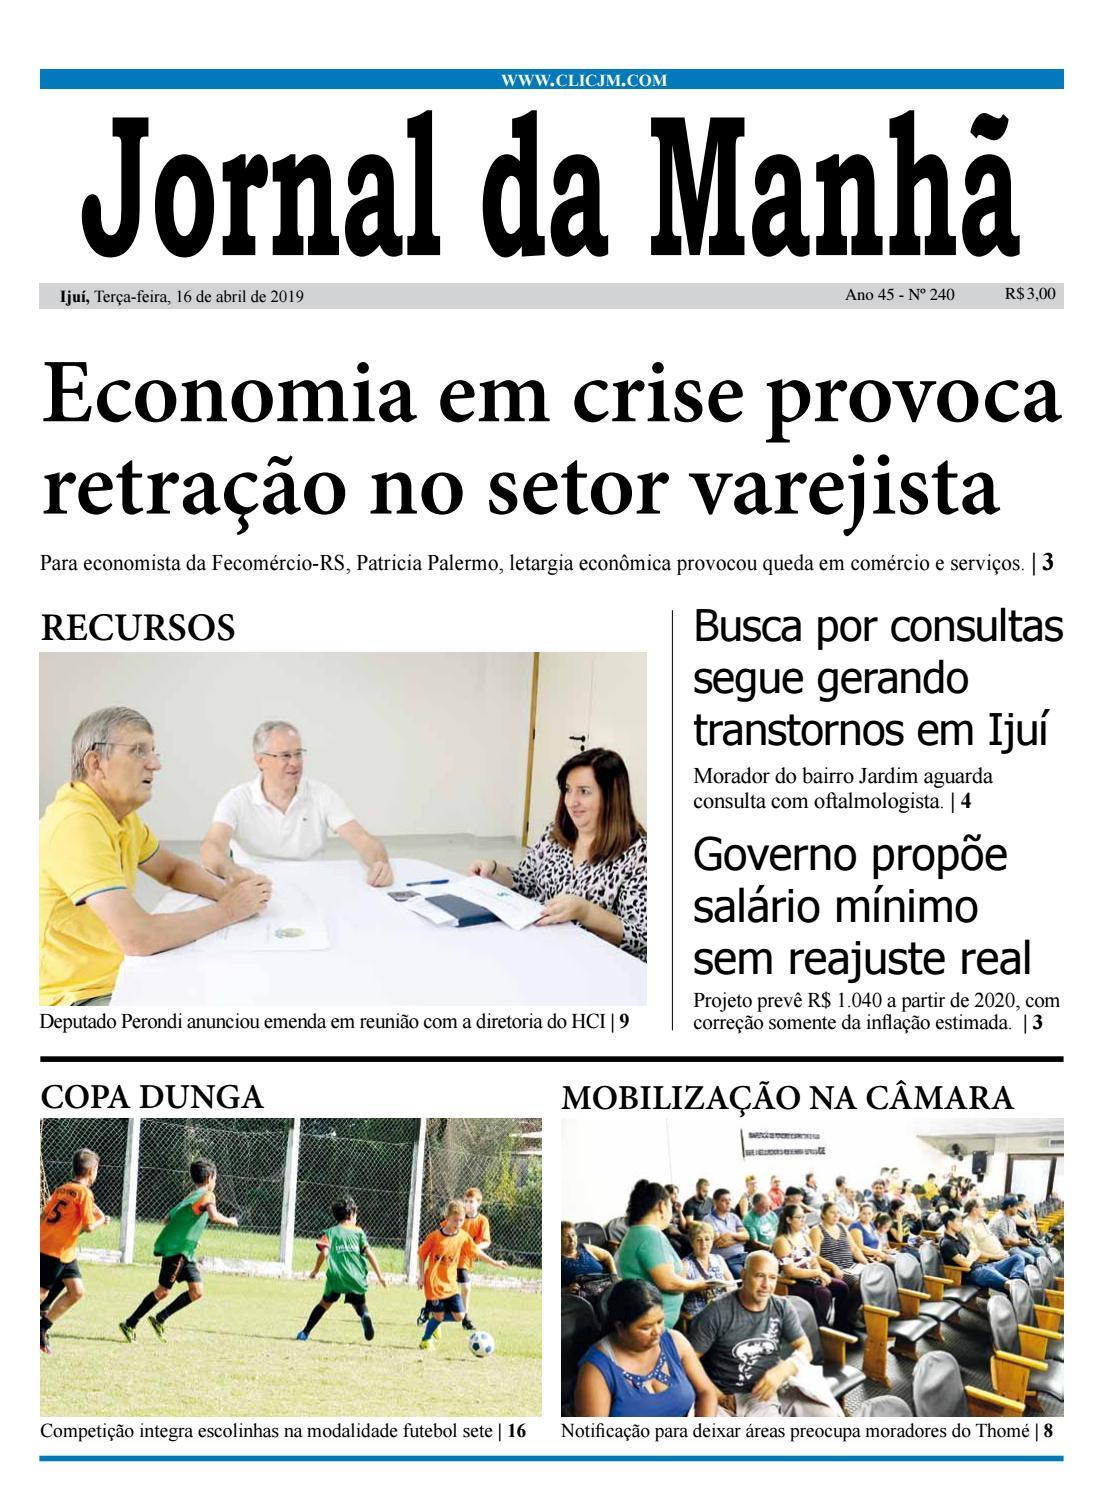 7e6d7274a Jornal da Manhã - Terça-feira - 16-04-2019 by clicjm - issuu